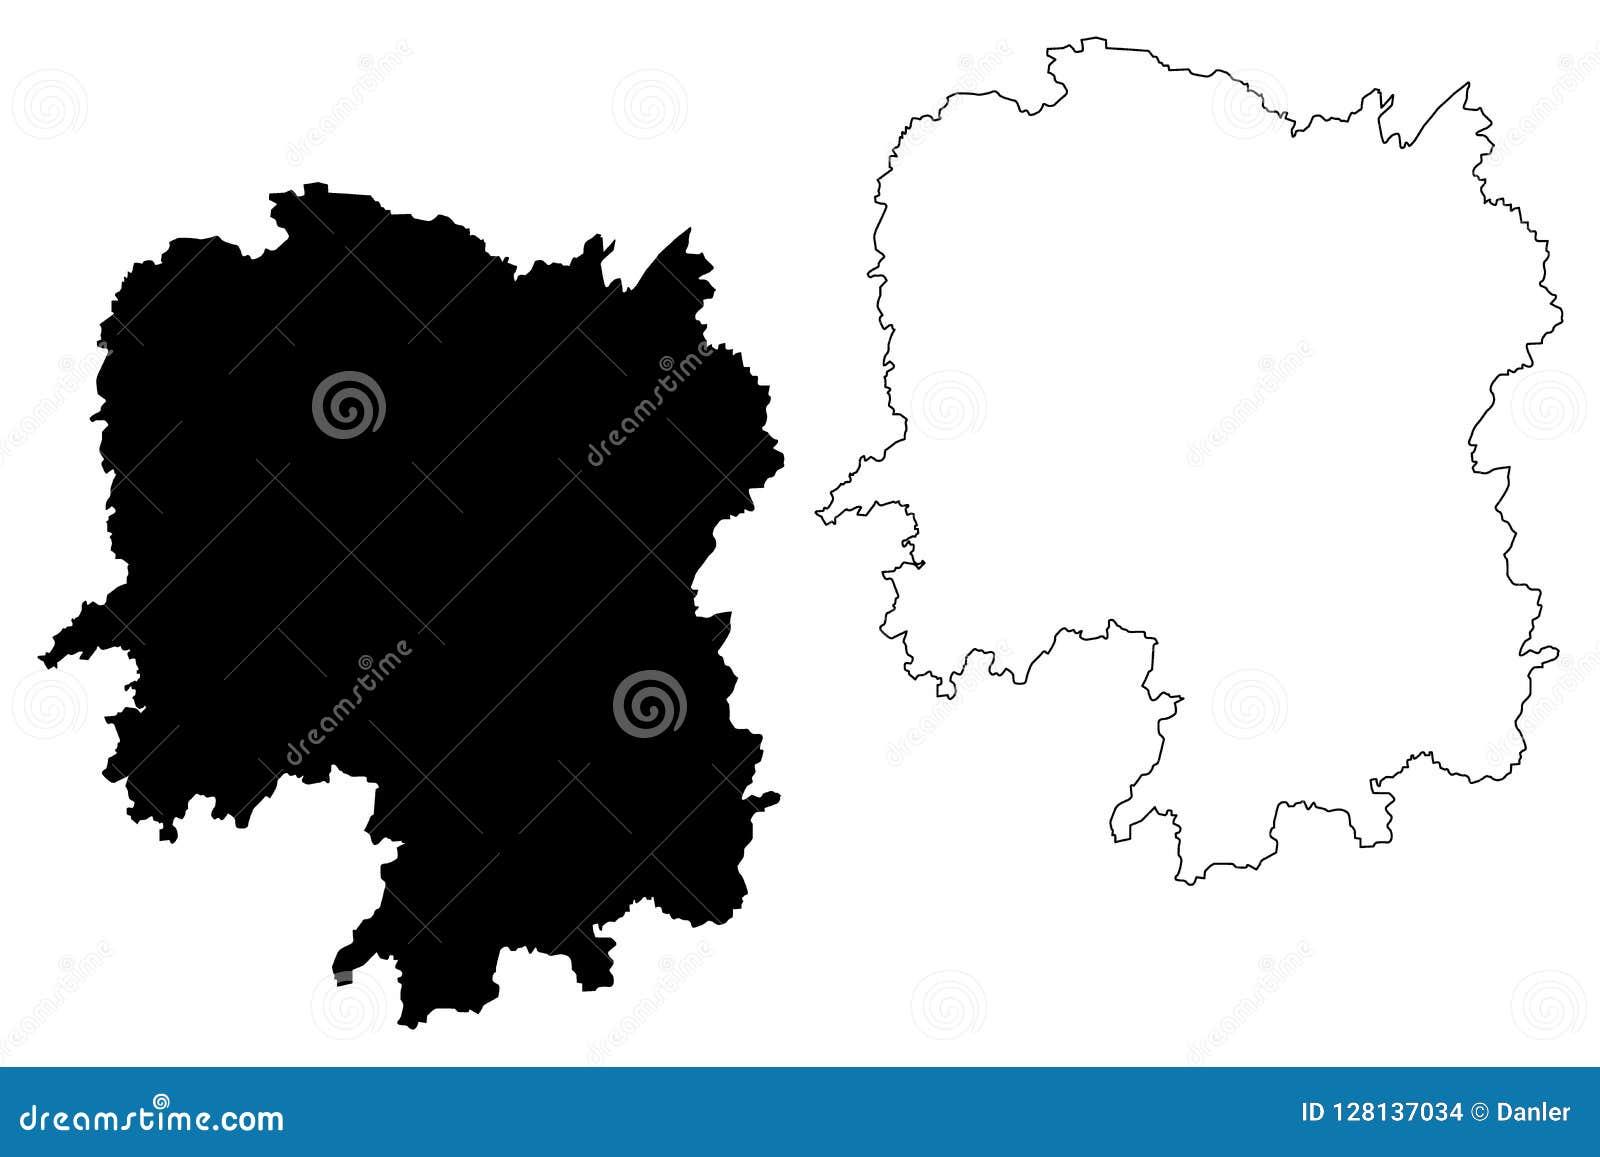 Carte Chine Hunan.Vecteur De Carte De Province De Hunan Illustration De Vecteur